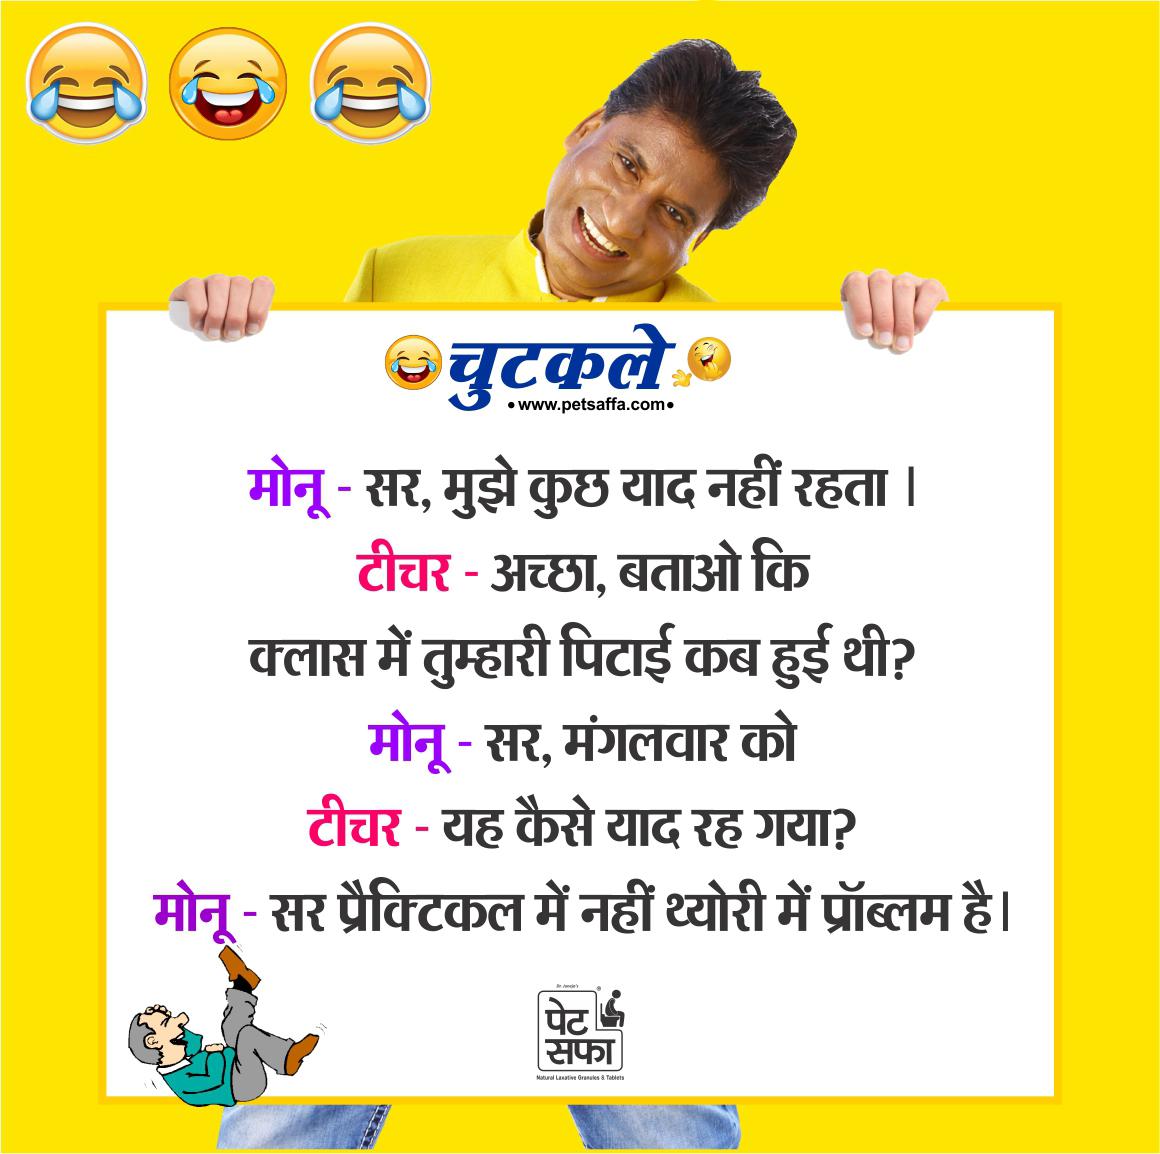 हिंदी चुटकुले - हिंदी जोक्स